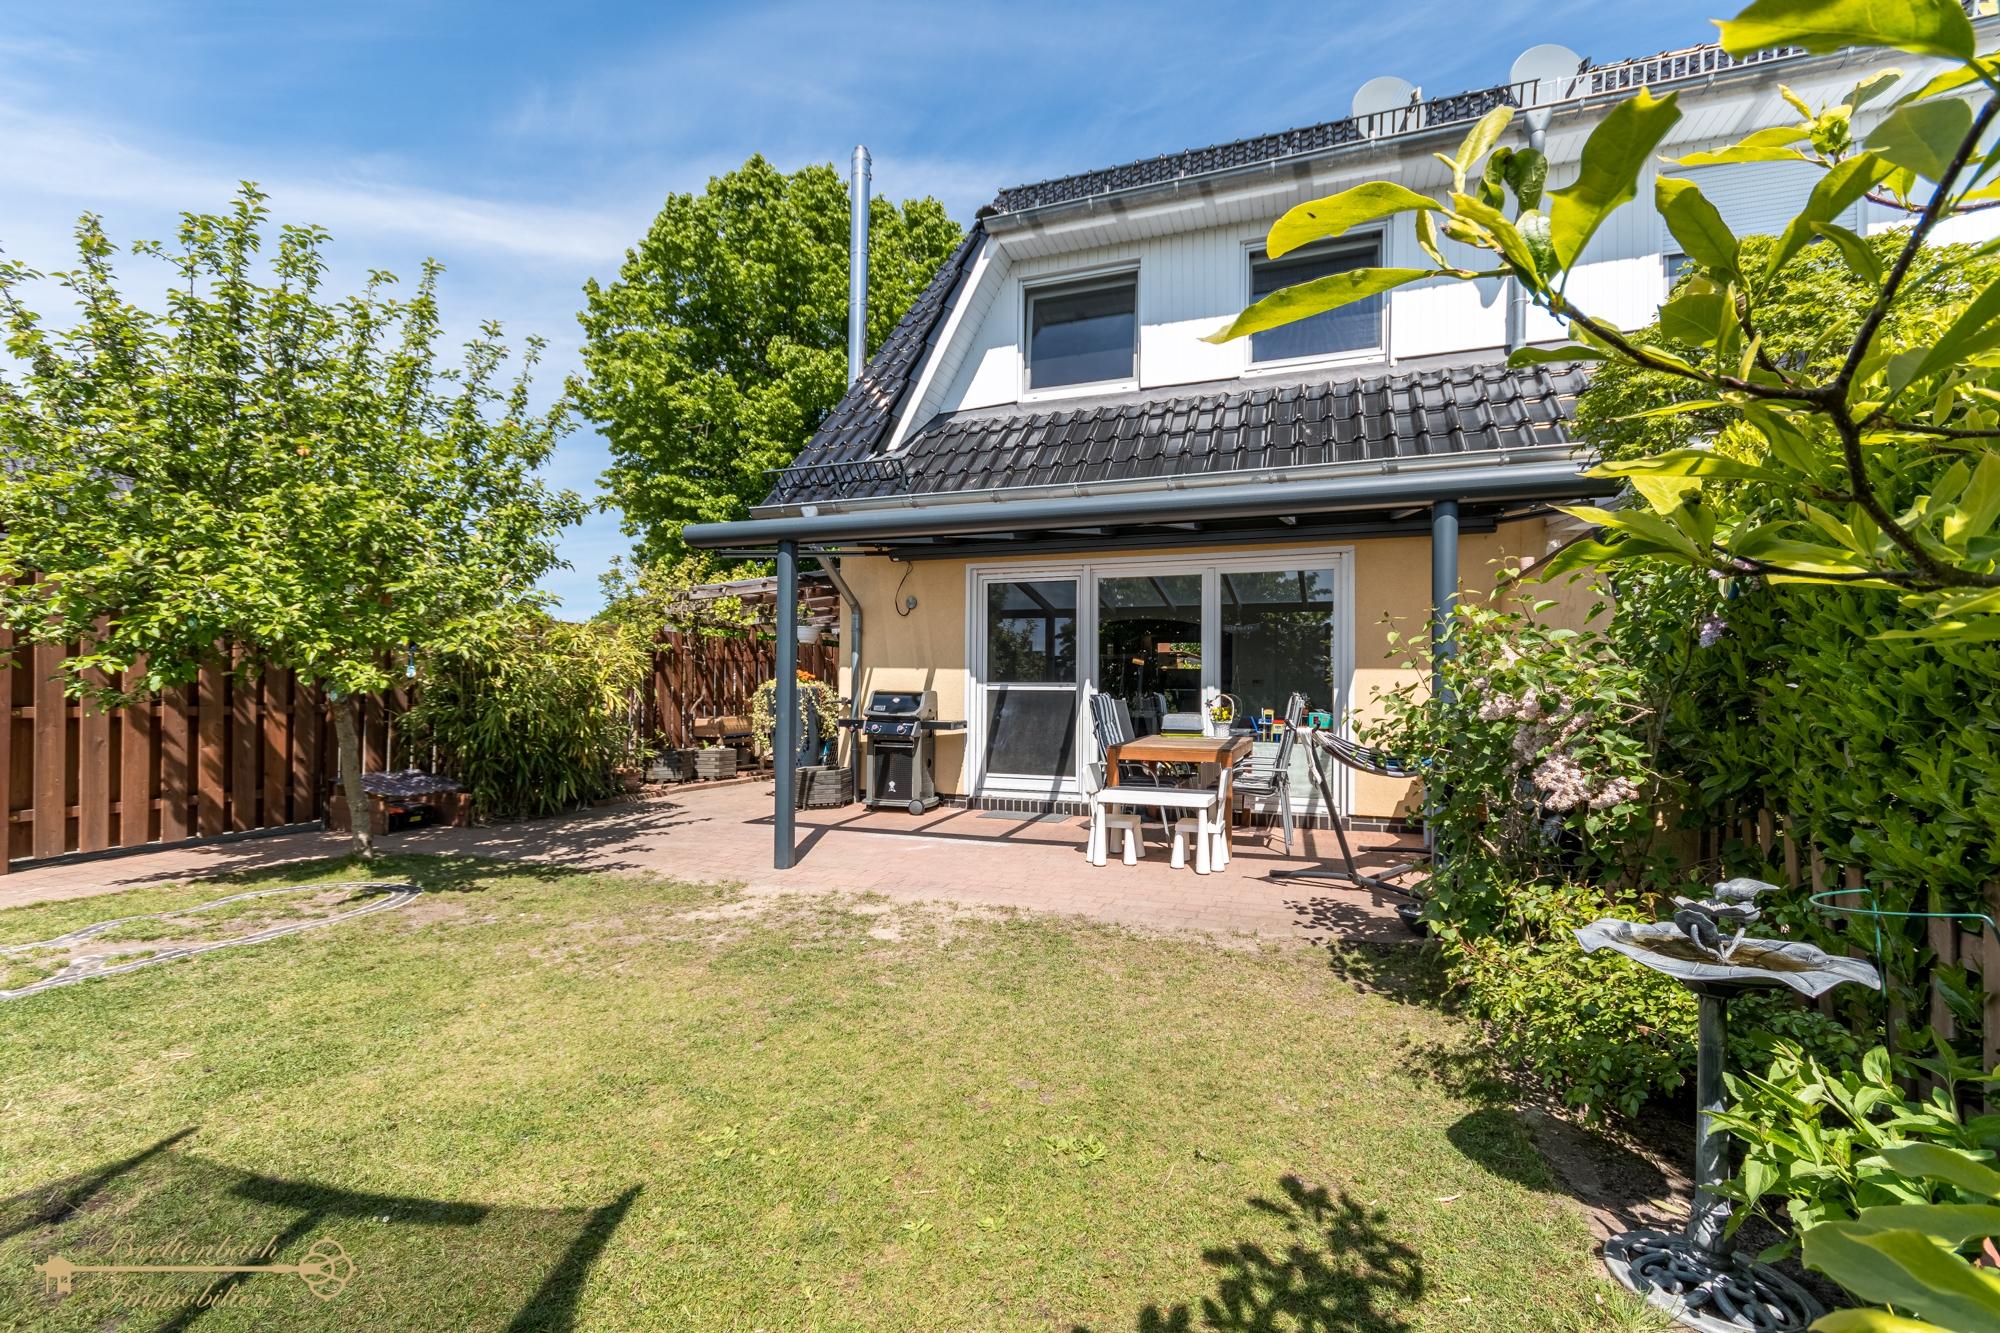 2020-05-08-Breitenbach-Immobilien-21